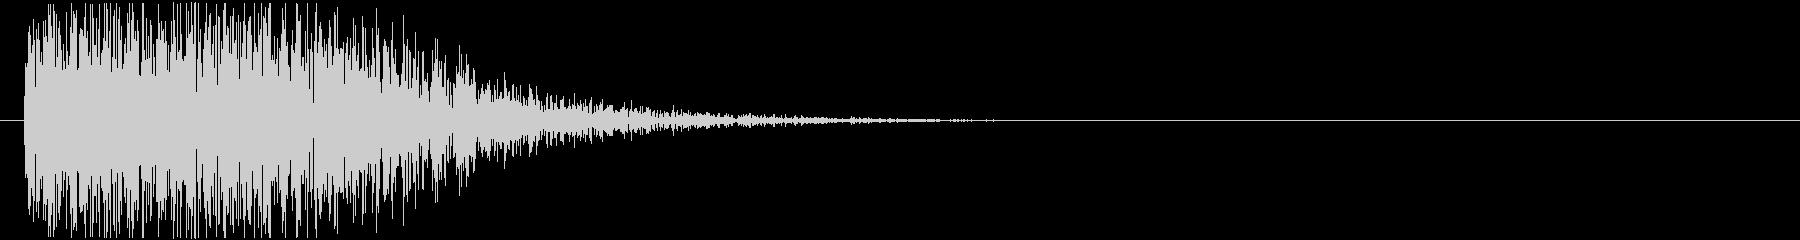 ドーン(大砲、戦車、爆発)の未再生の波形